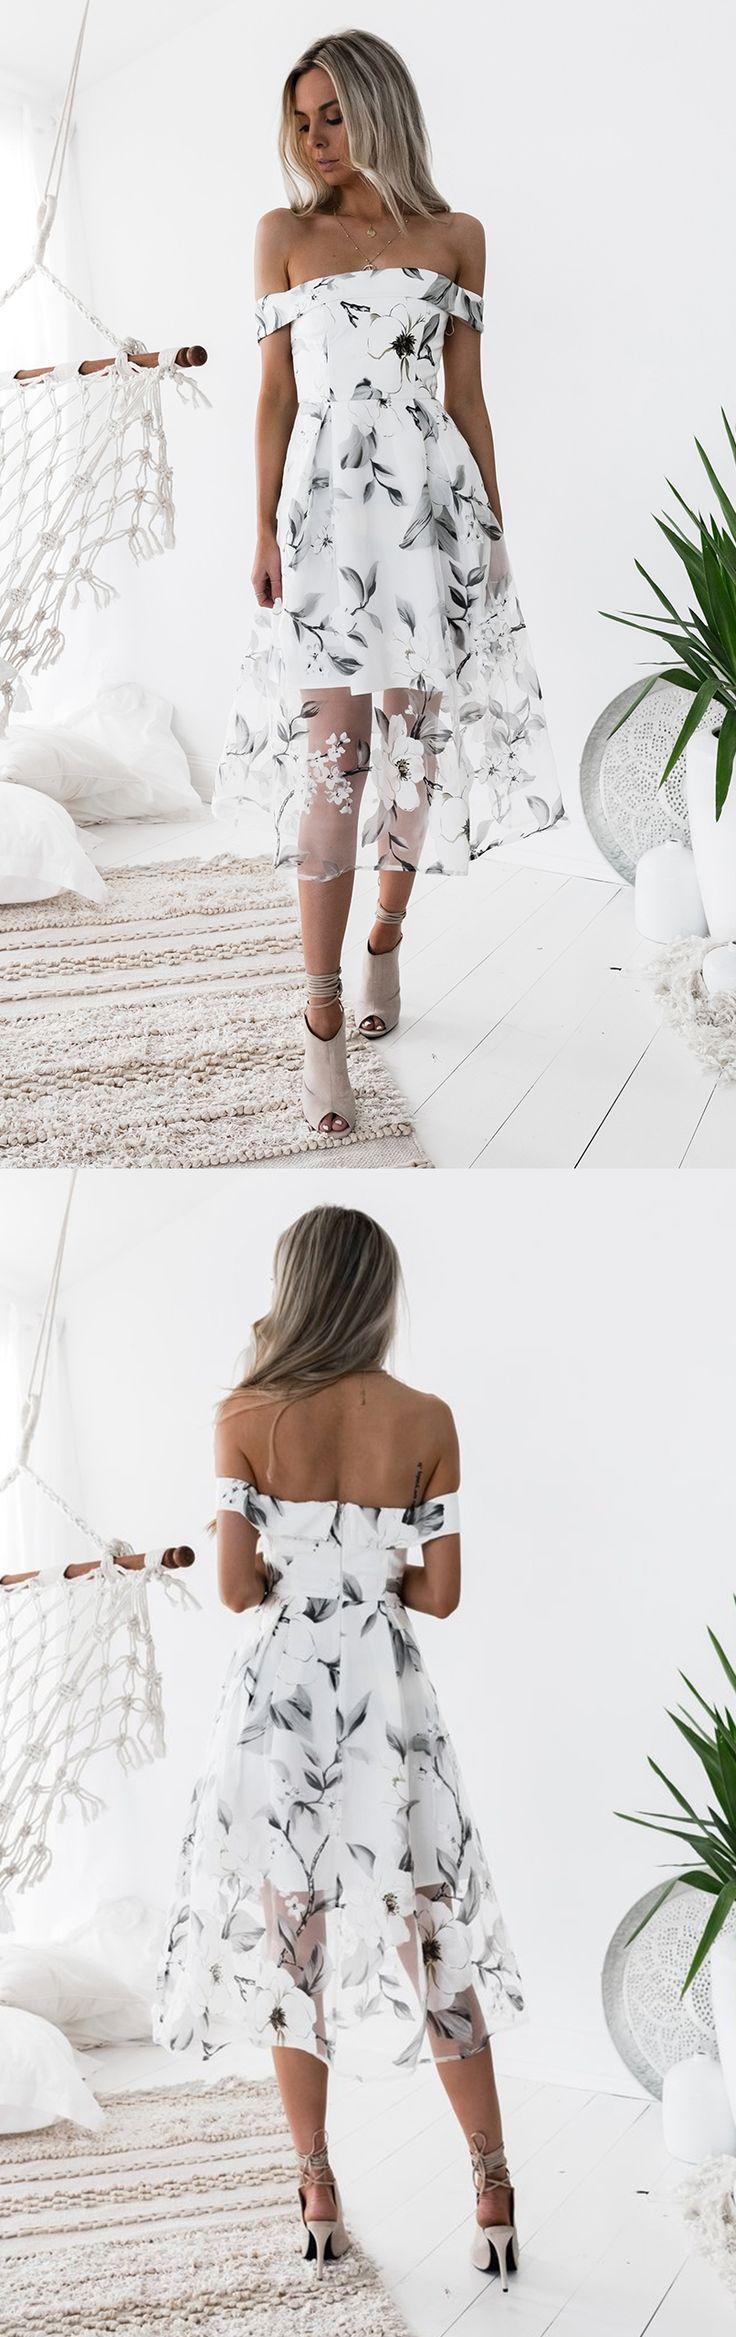 Off Shoulder Homecoming Dress, Unique Homecoming Dress, Tea-Length Junior School Dress#homecoming#homecomingdresses#2018homecomingdress